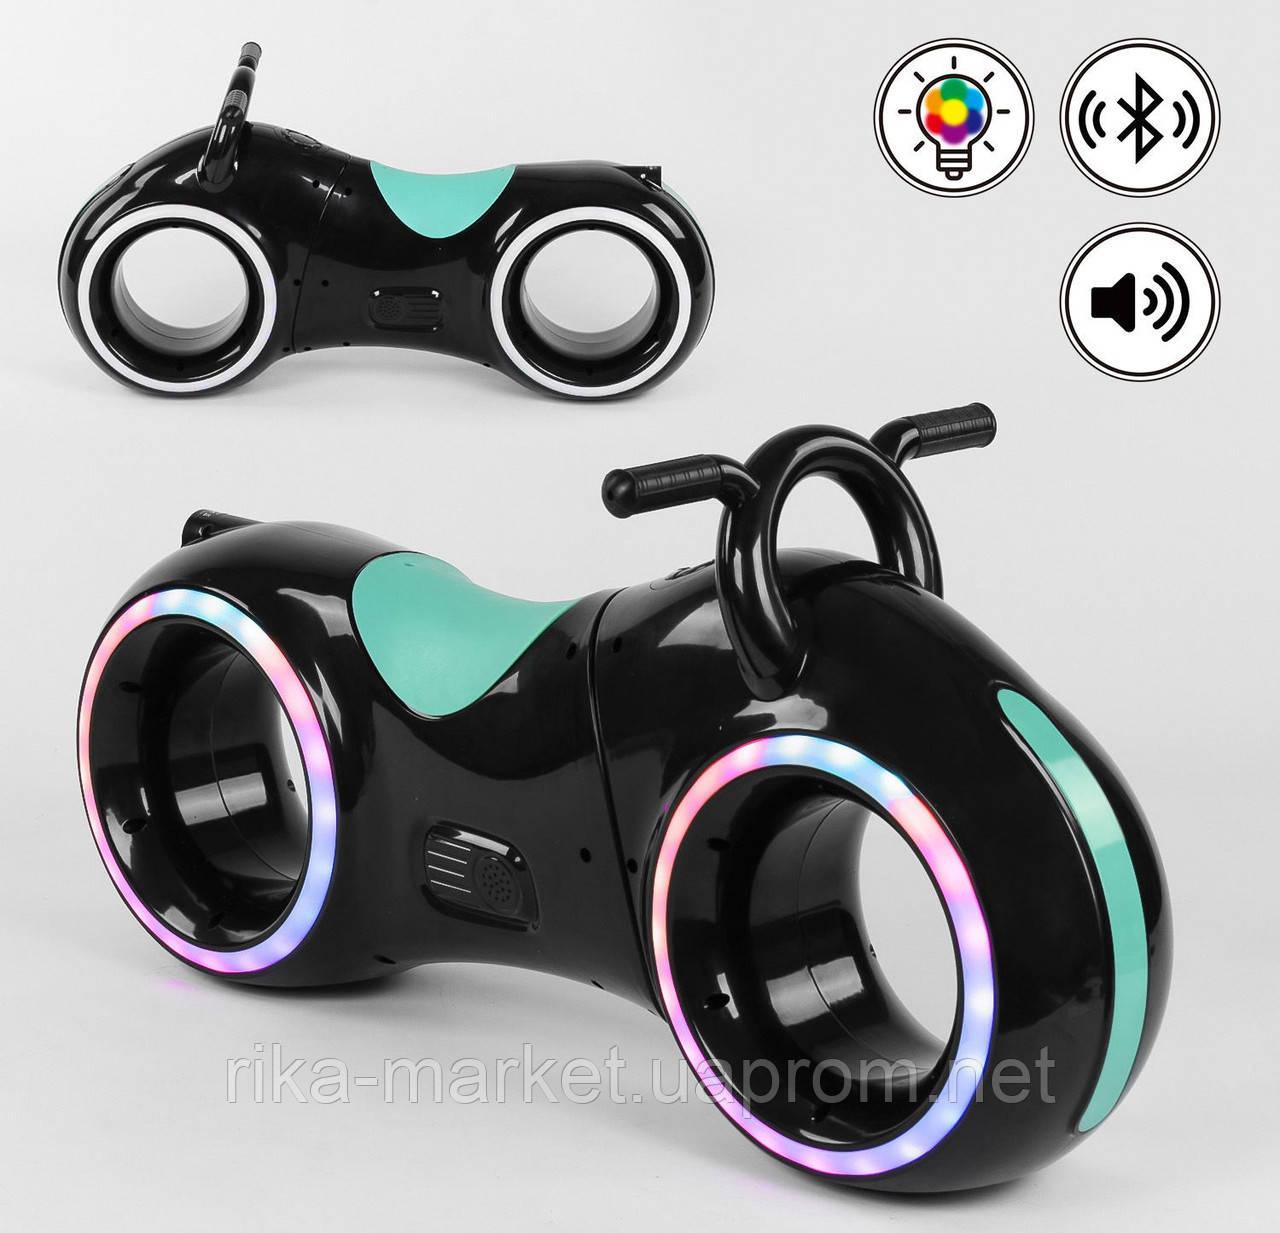 Каталка-толокар Т 0202 Cosmo-байк, LED-подсветка, Bluetooth, встроенные динамики